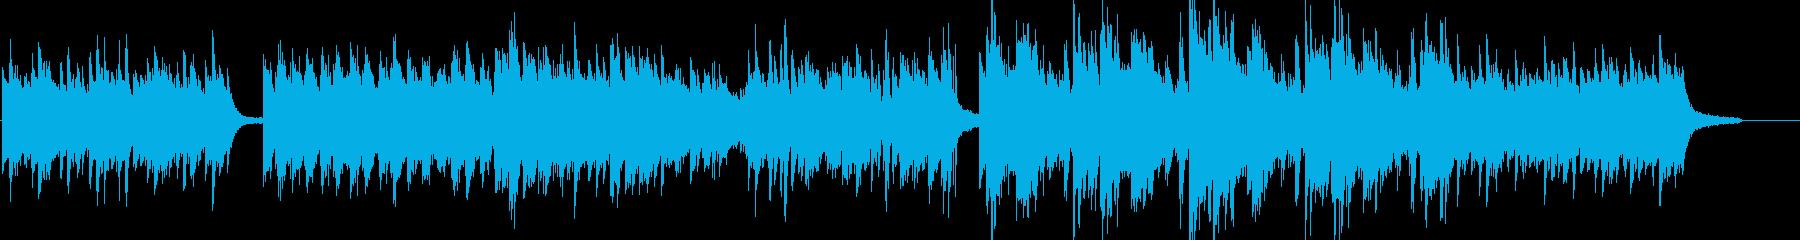 幻想的なピアノソロ曲です。の再生済みの波形